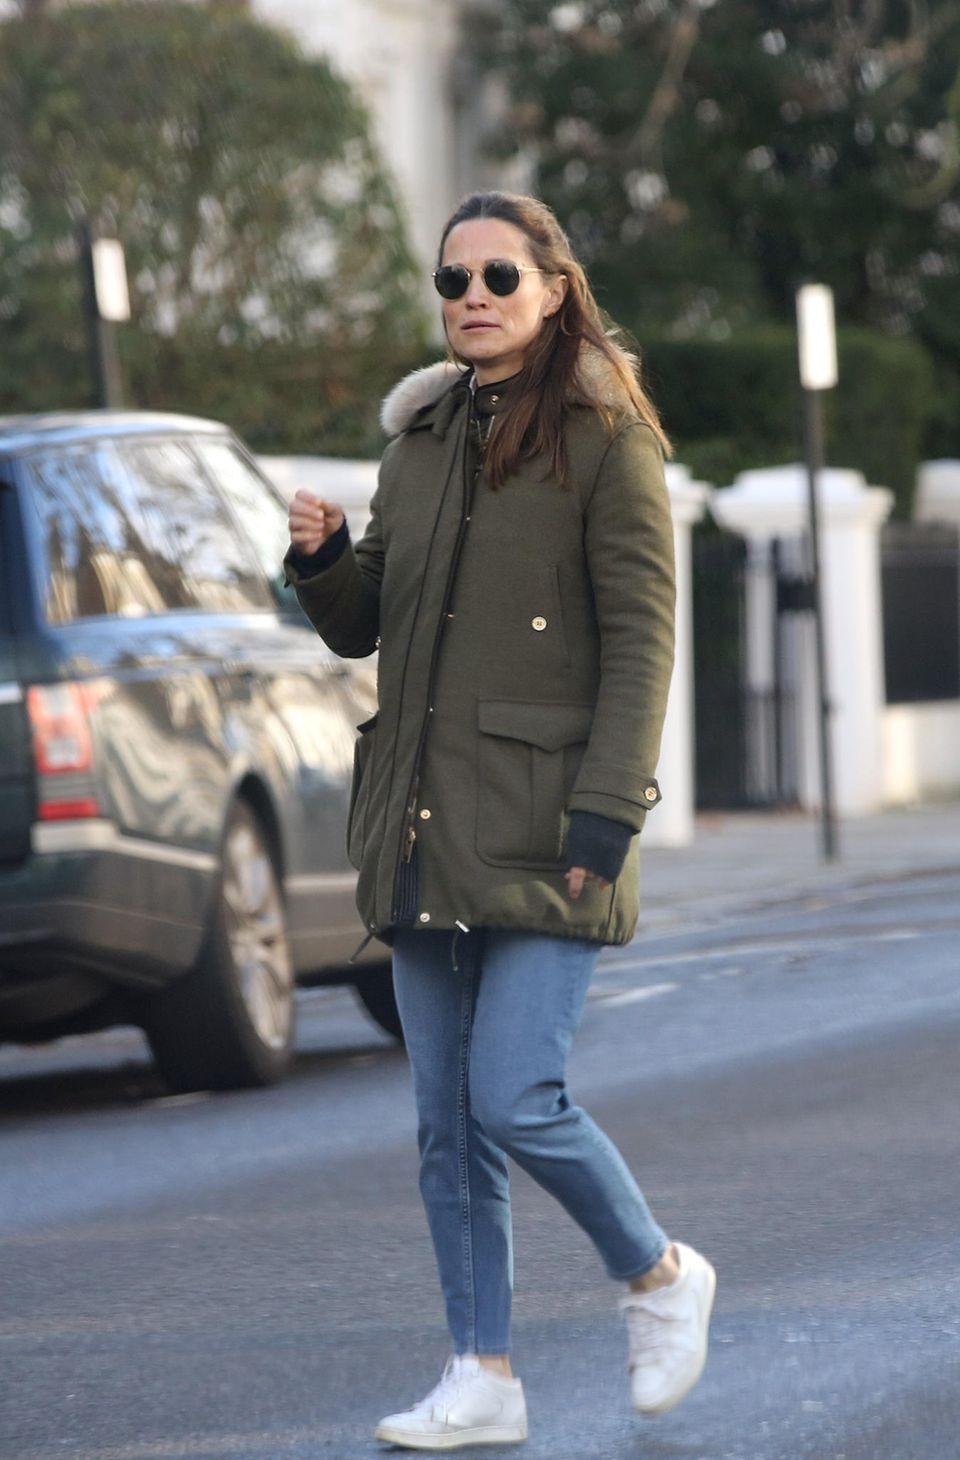 Pippa Middleton ist stylisch im des Londoner Nobelviertels Chelsea unterwegs: Sie trägt eine coole Ray-Ban-Sonnenbrille, blaue Jeans und Sneaker von Jimmy Choo. Ihre deutlich gewölbte Körpermitte hüllt sie in einen grünen Parka des amerikanischen Labels Fay. Die Schwester von Herzogin Catherine soll bald ihr zweites Kind erwarten und scheint die wachsende Babykugel nicht mehr länger verstecken zu können.